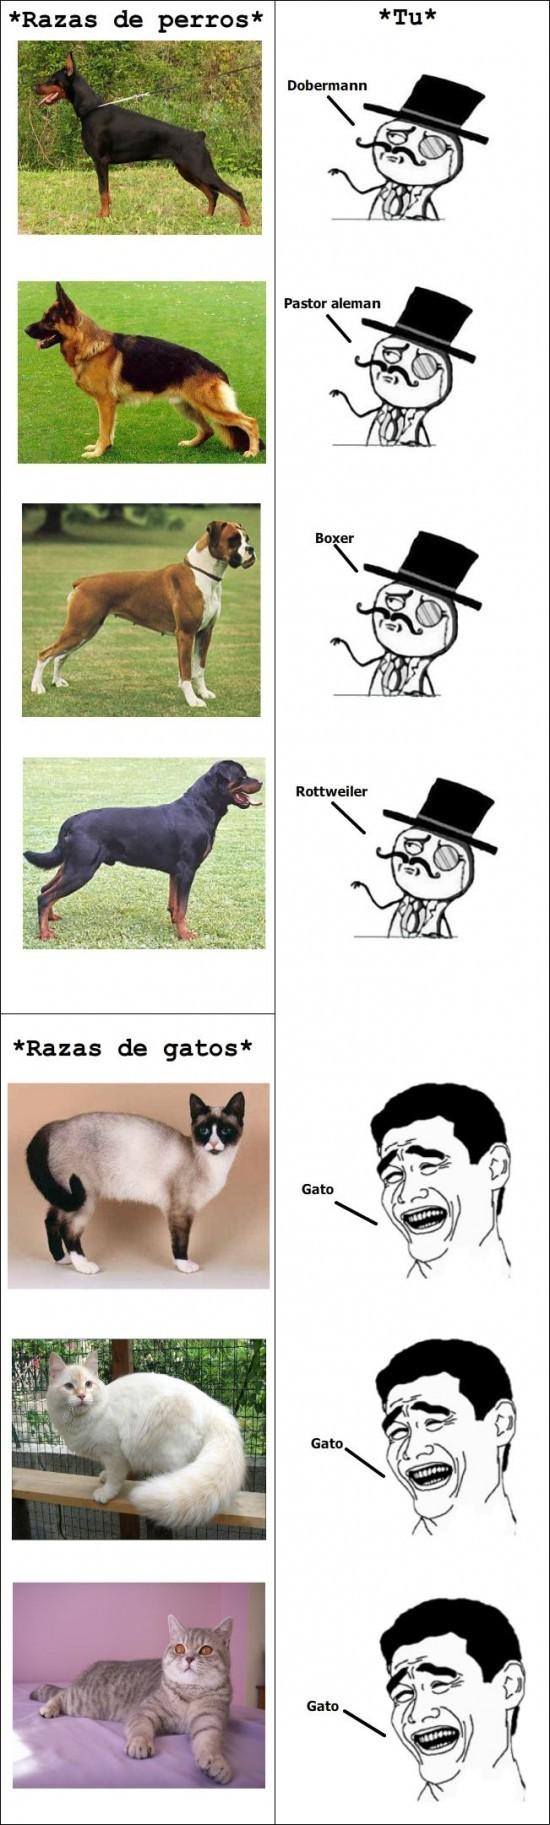 Razas de perros y gatos - meme